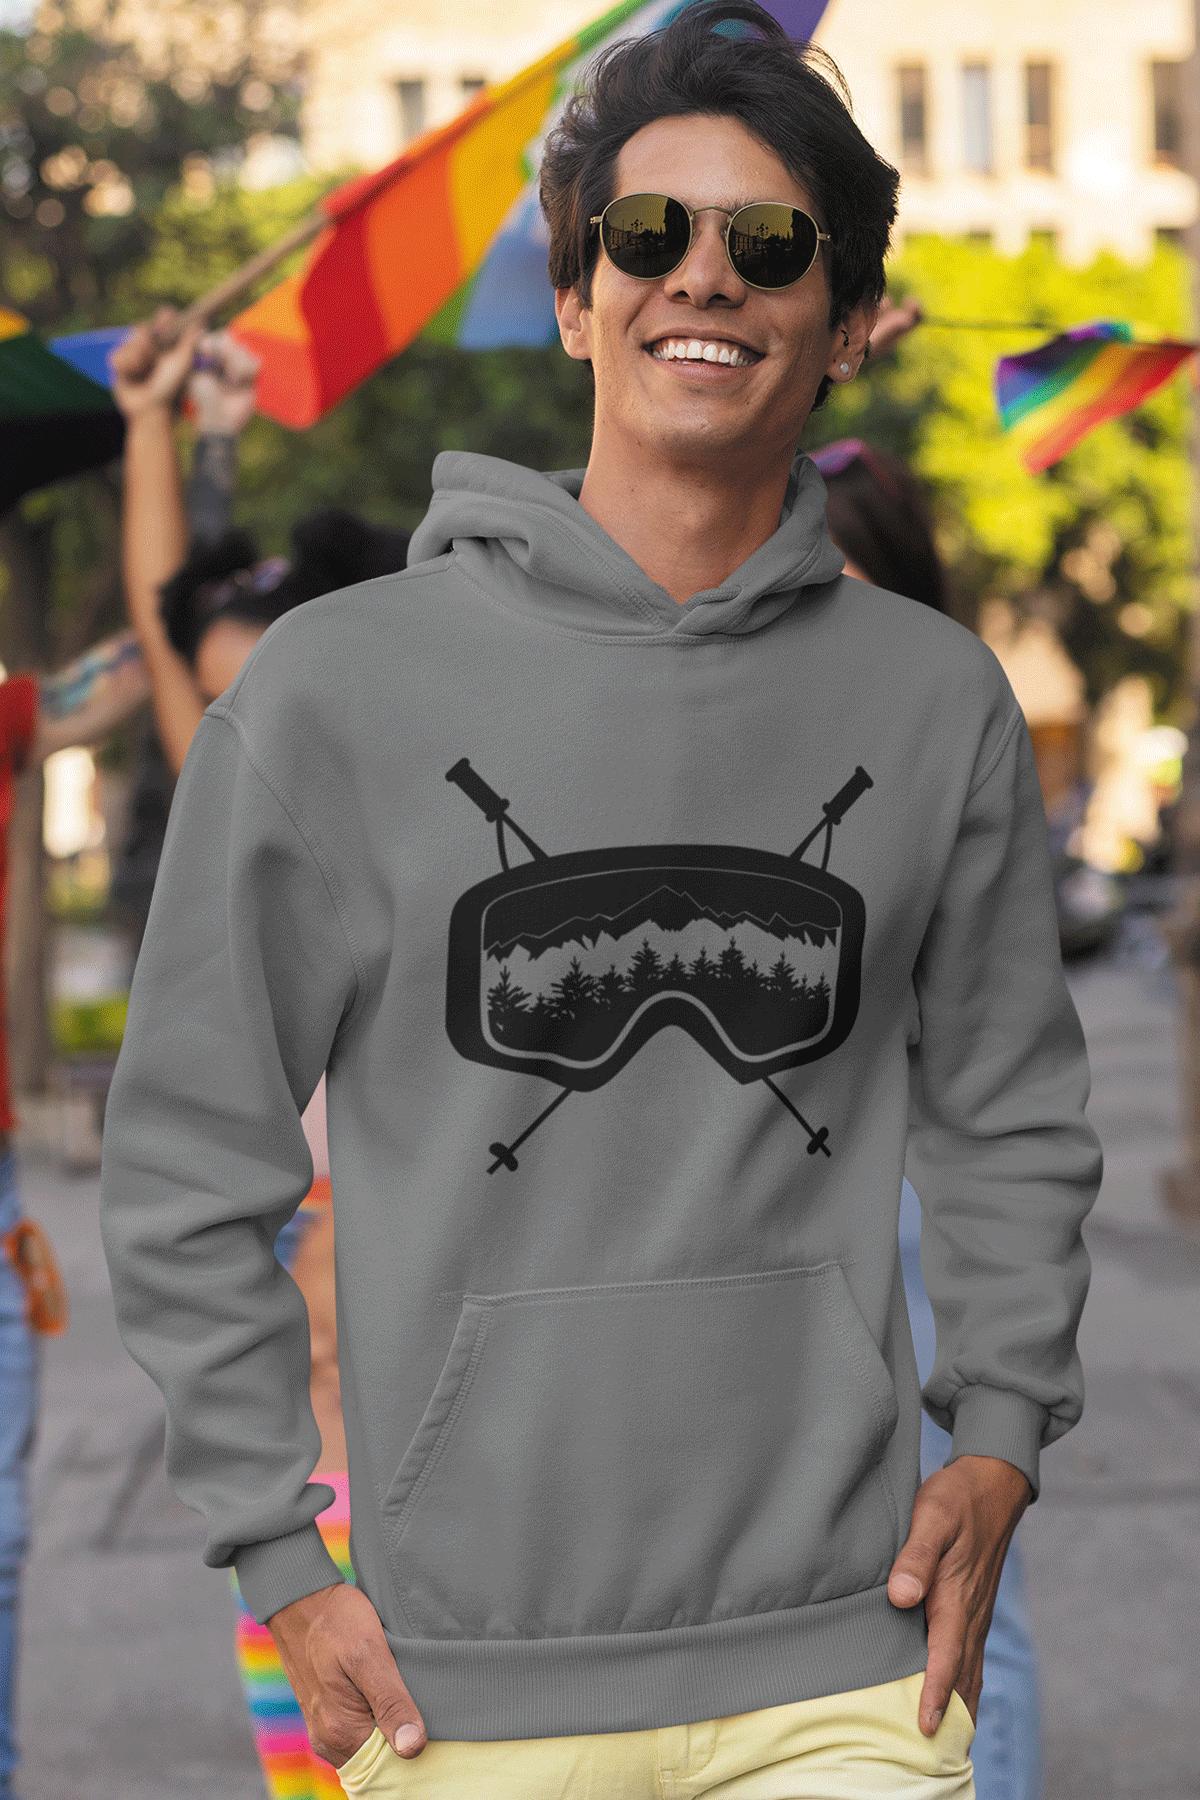 Glass Gri Erkek Kapşonlu Sweatshirt - Hoodie